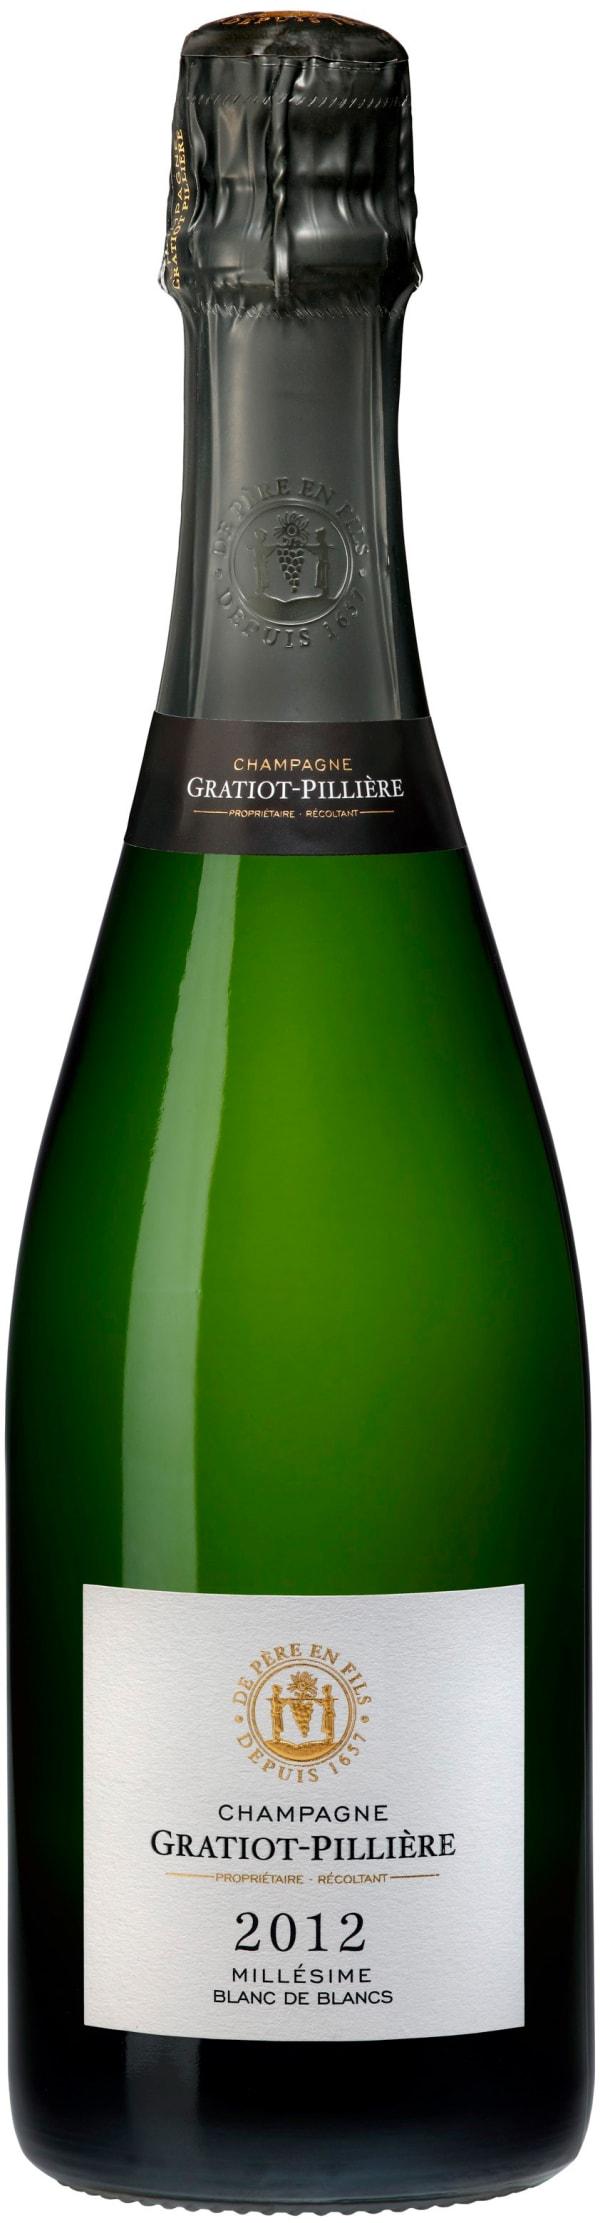 Gratiot Pilliére Blanc de Blanc Champagne Brut 2010